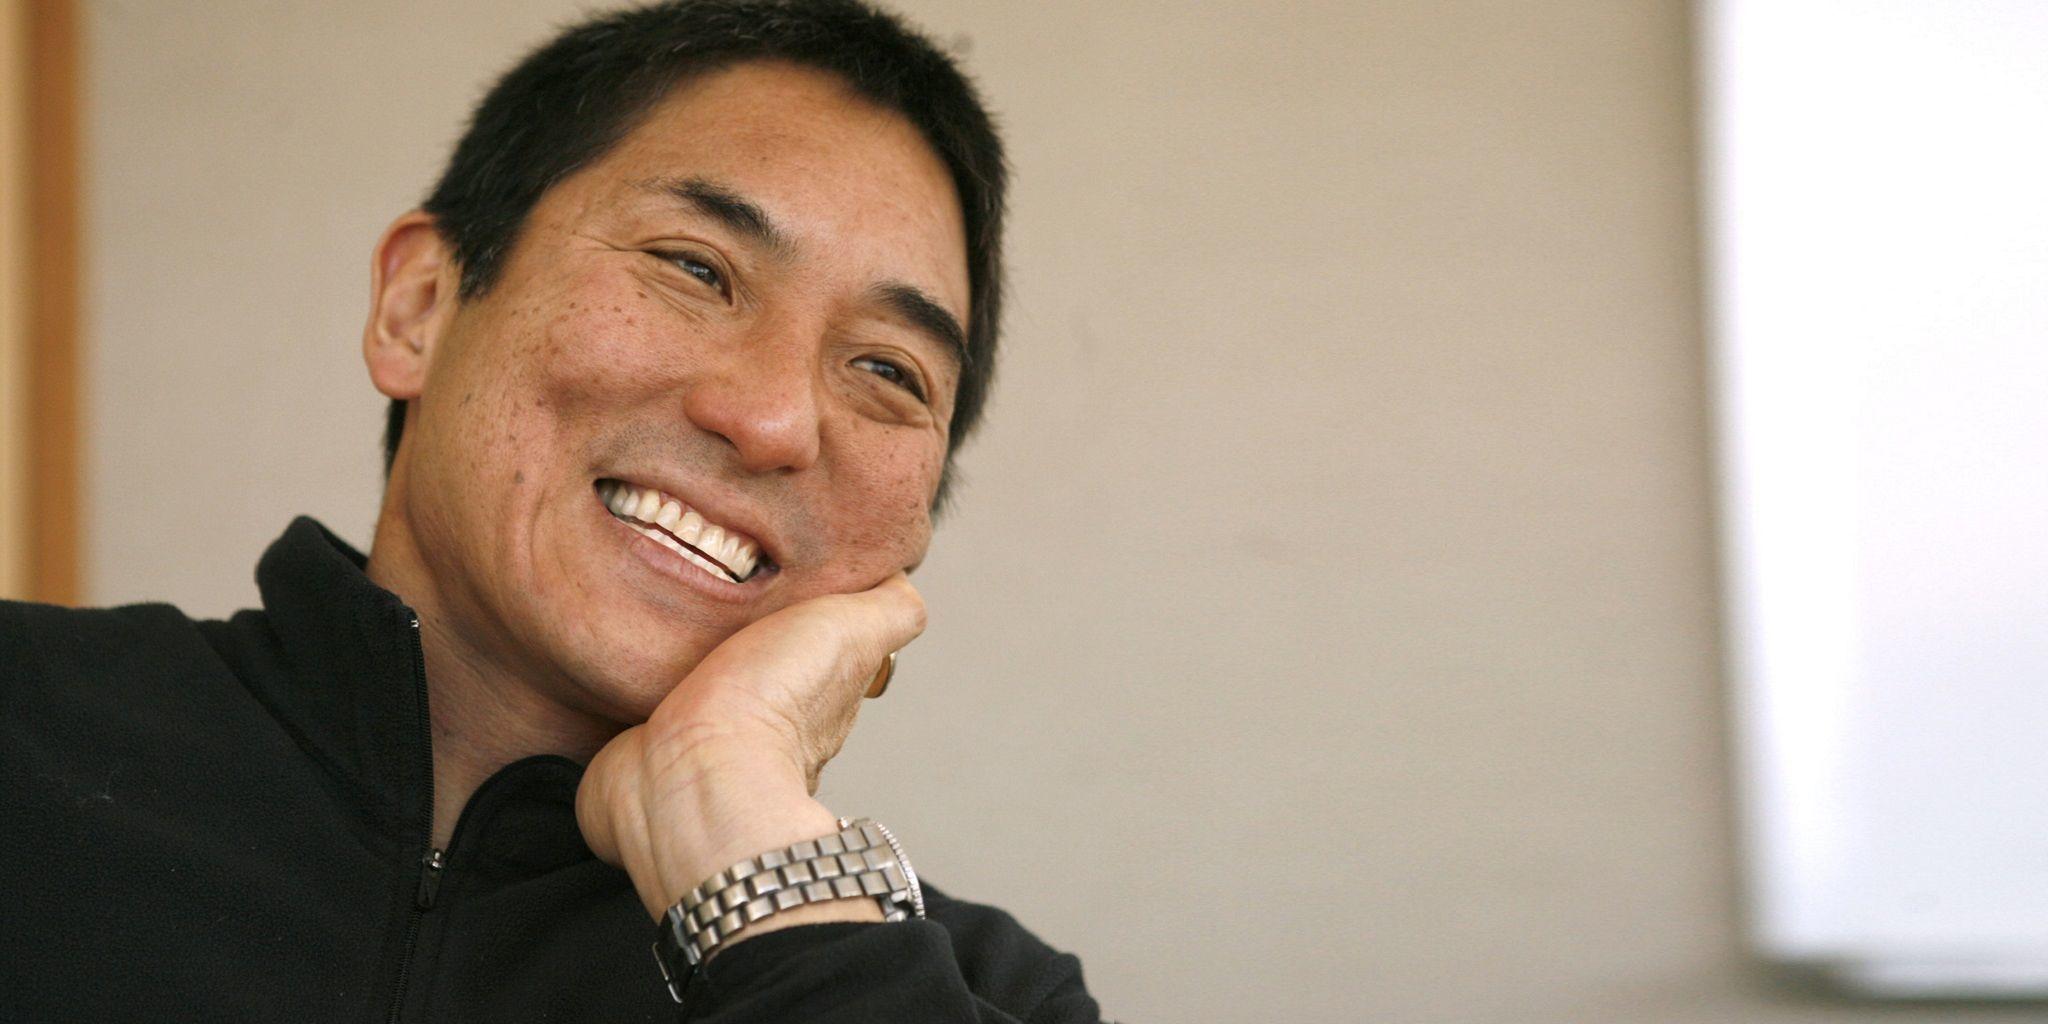 Guy Kawasaki smiling